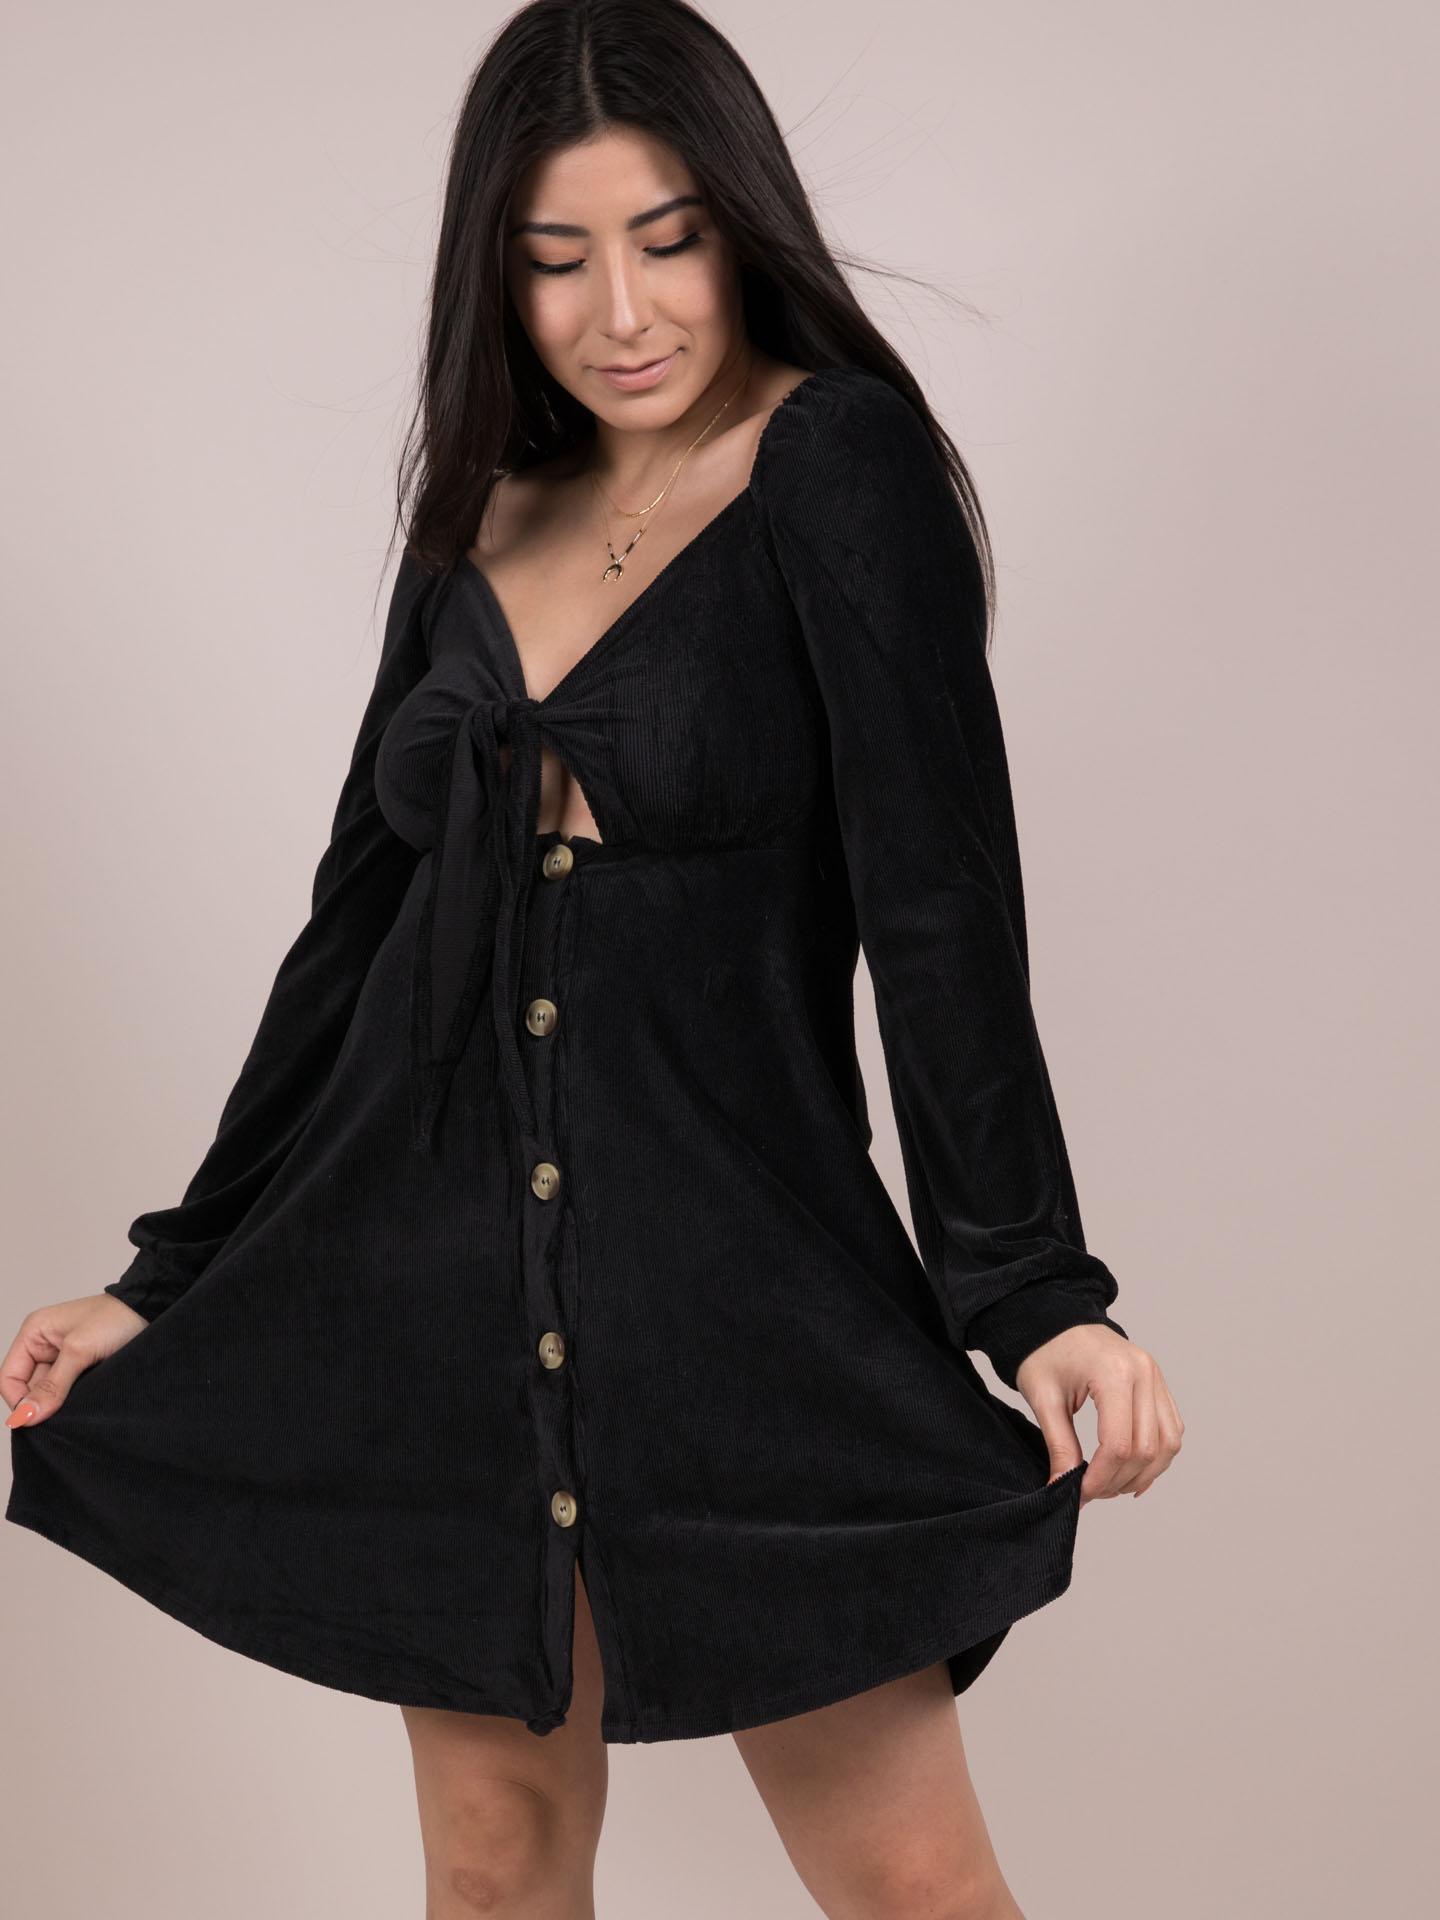 Adalee Dress Velvet Vintage Black Button